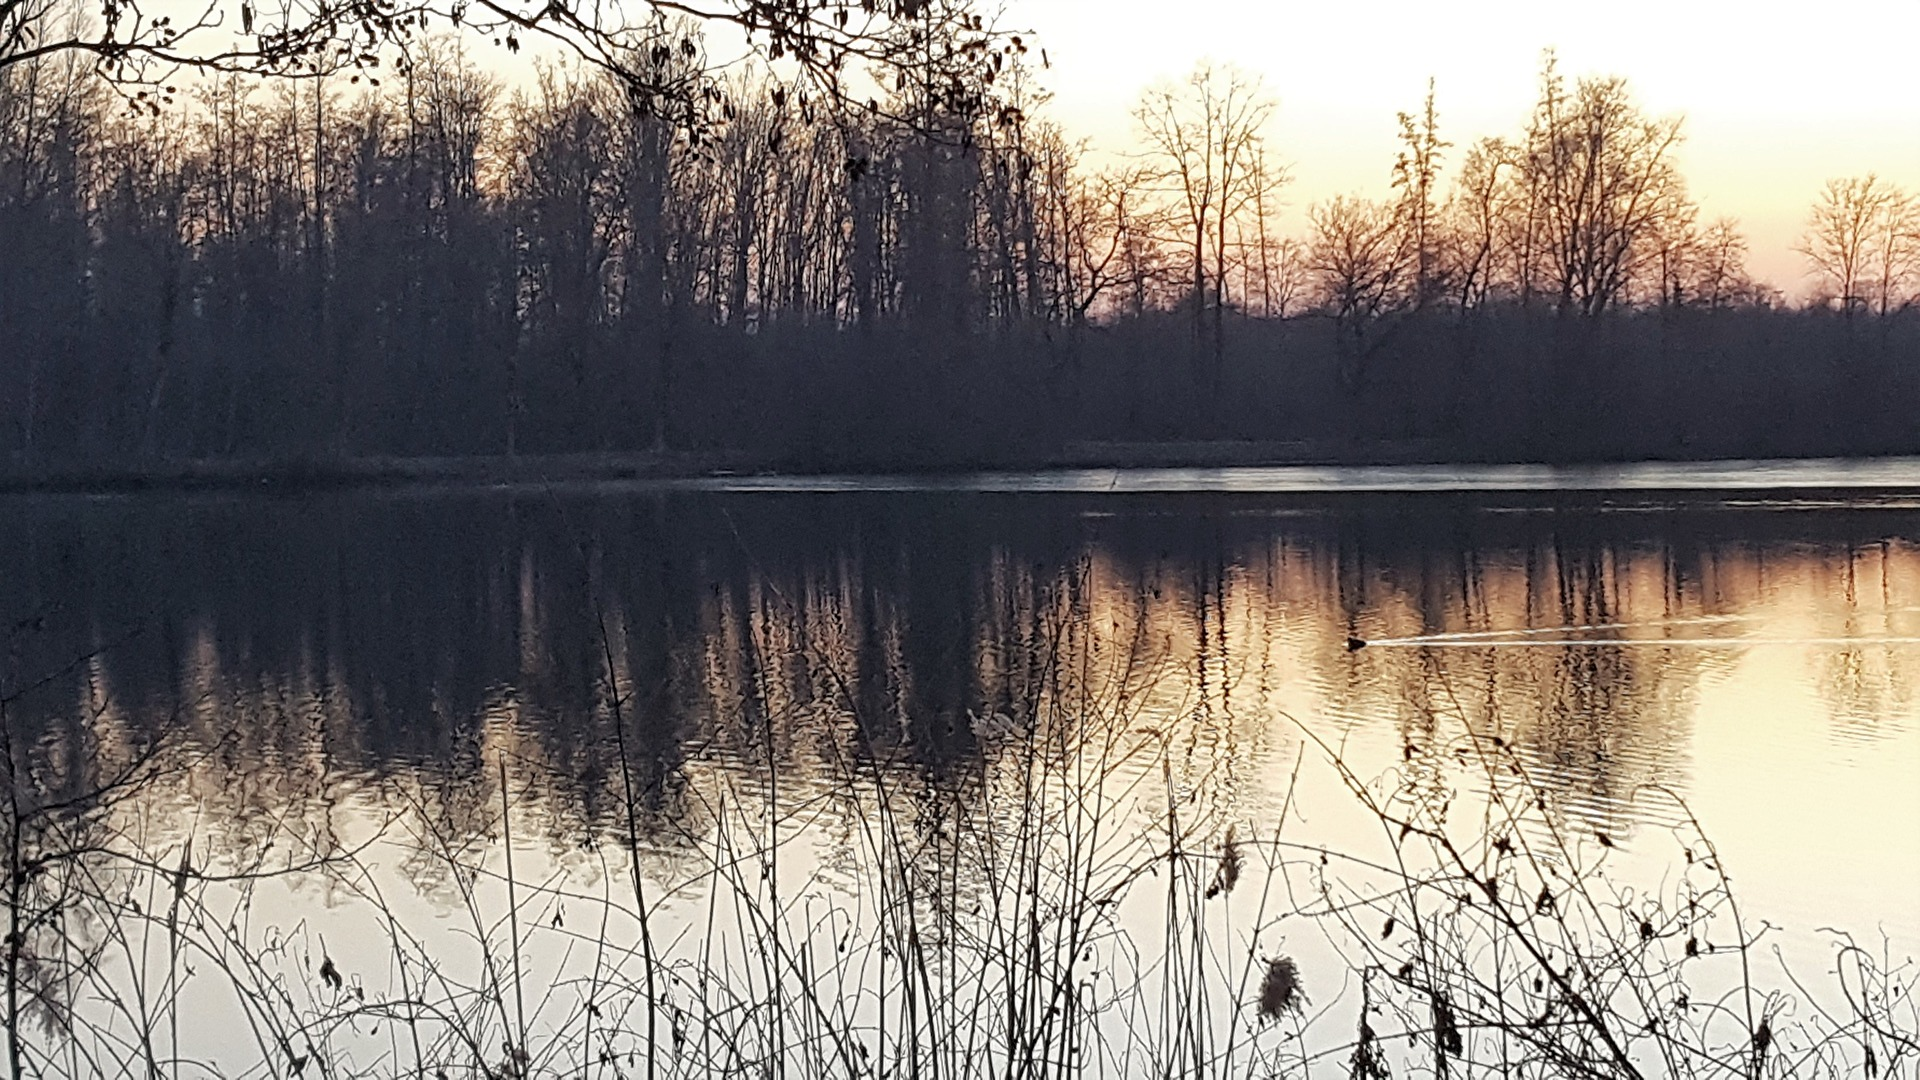 Nettebruch, Dämmerung/Sonnenuntergangsstimmung